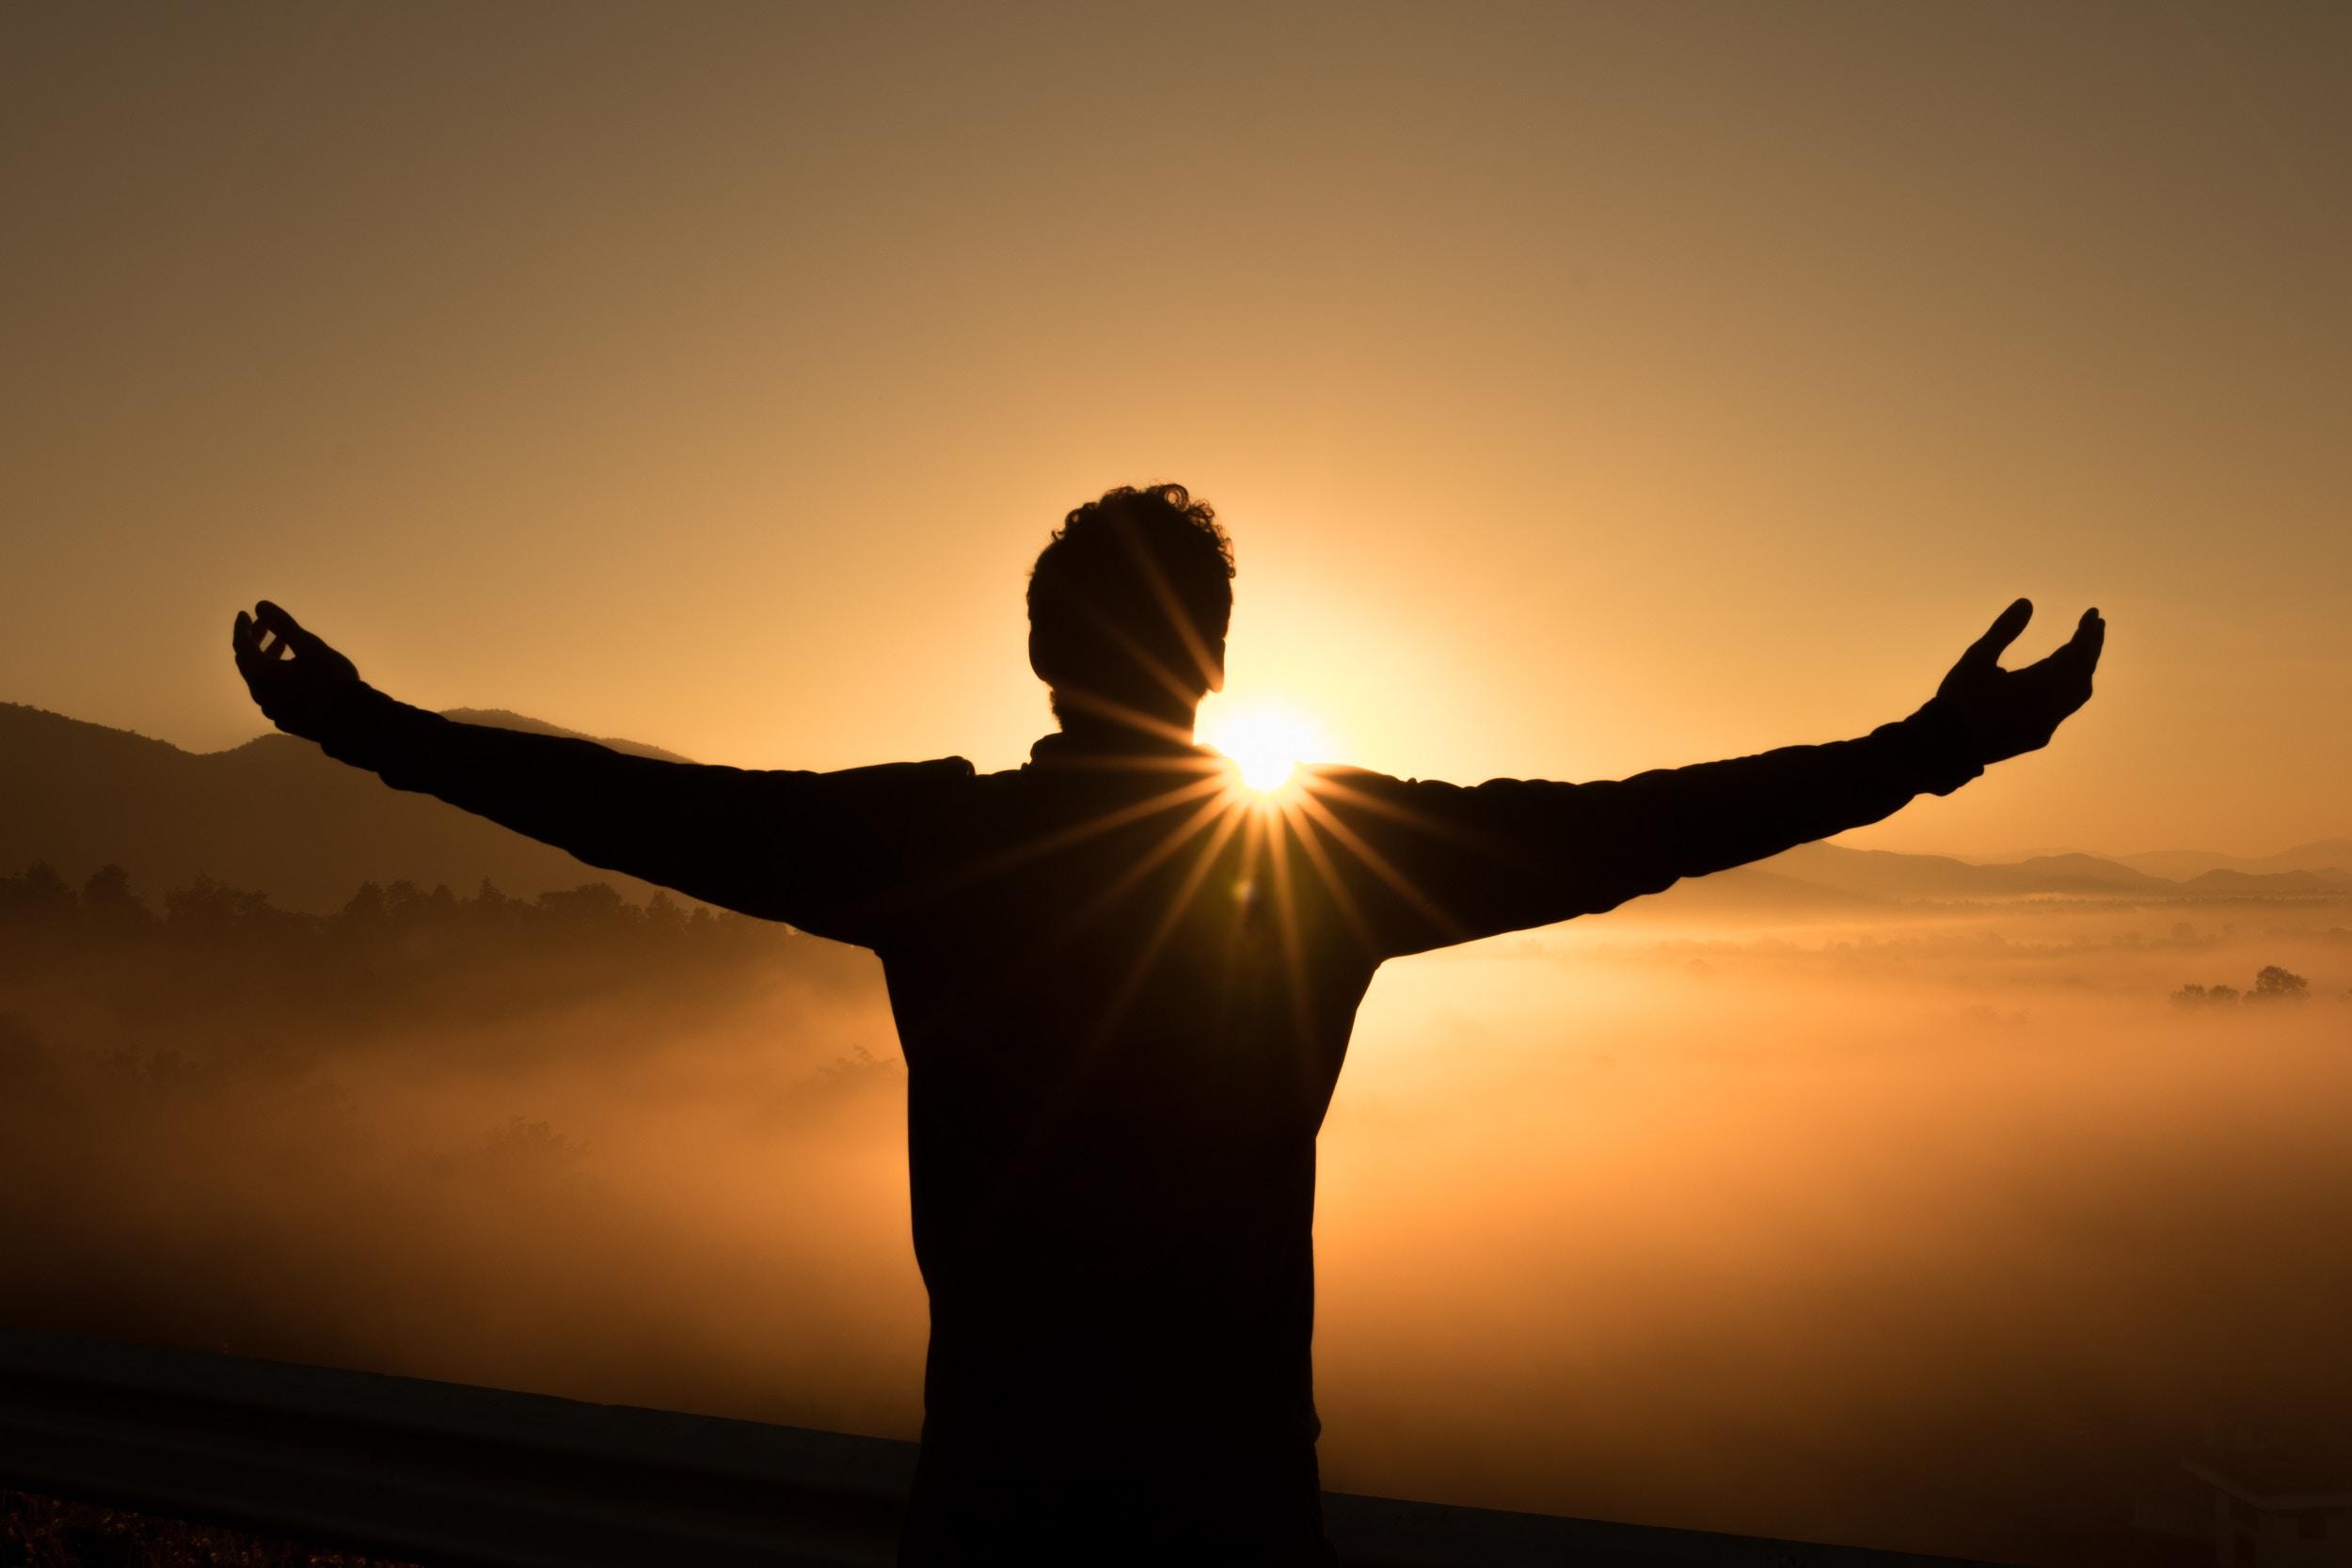 אדם עומד עם זרועות פתוחות אל מול השמש השוקעת